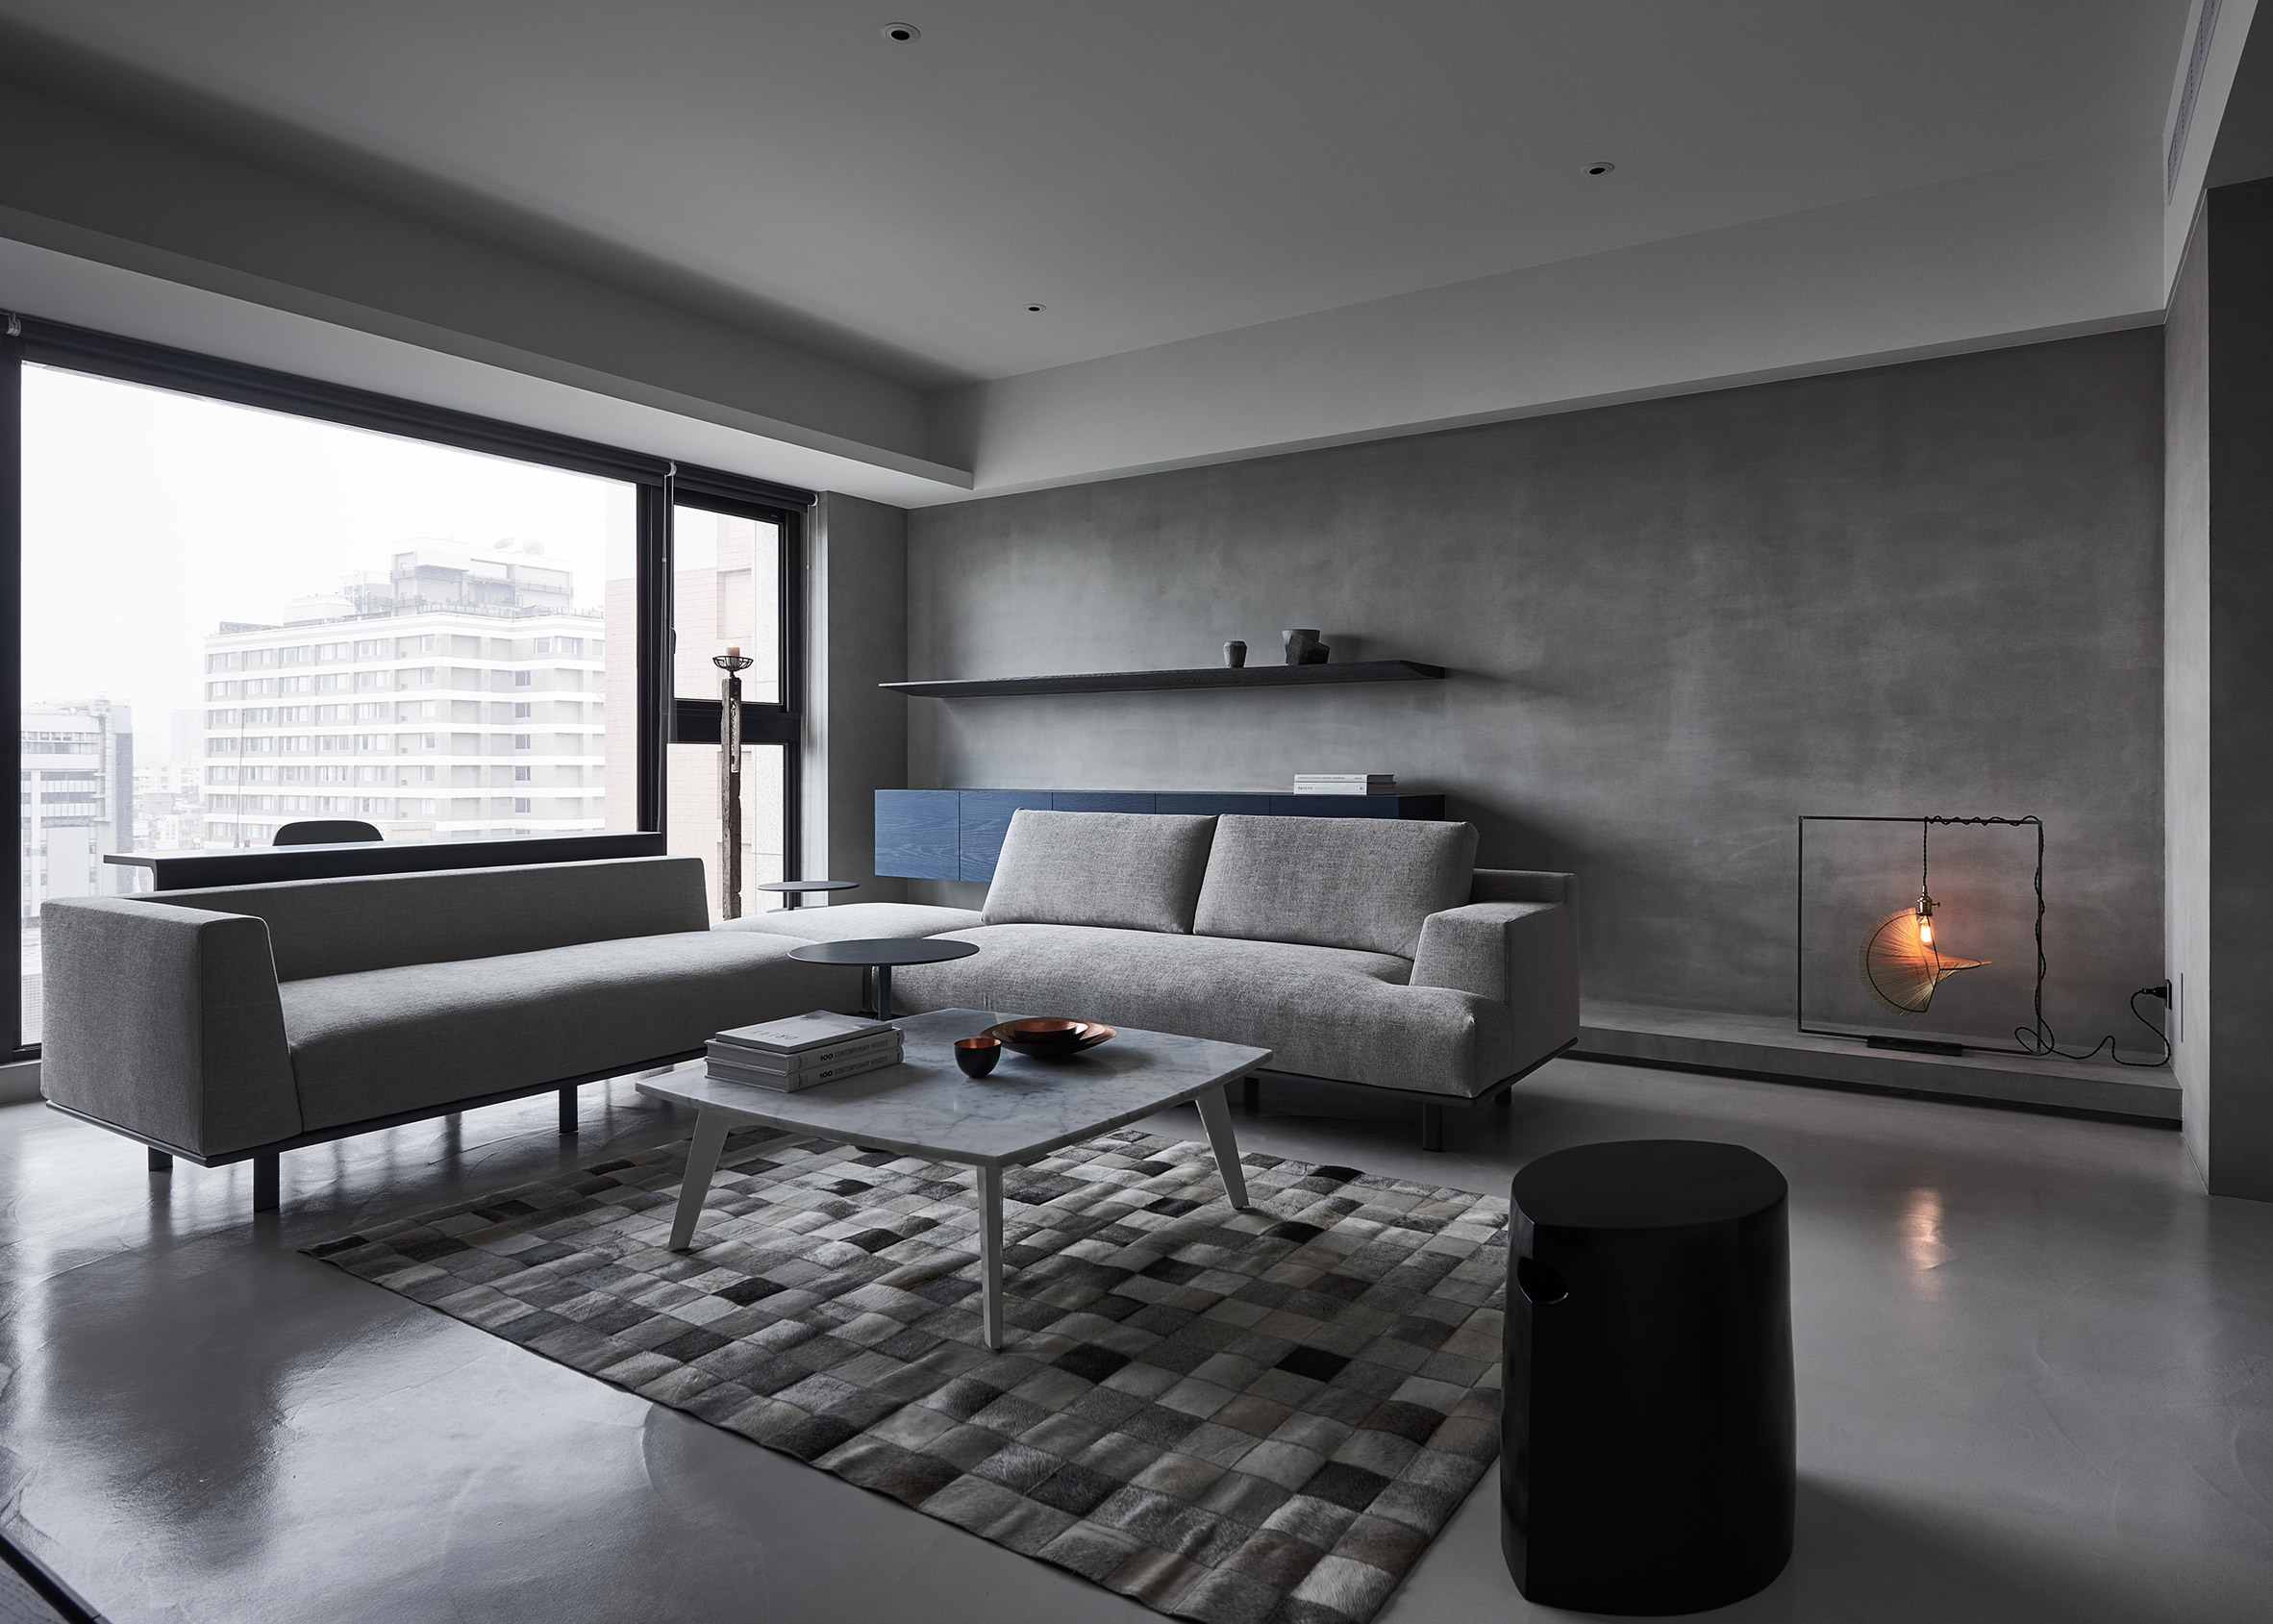 Dezeen roundups: Best residential interiors of 2017